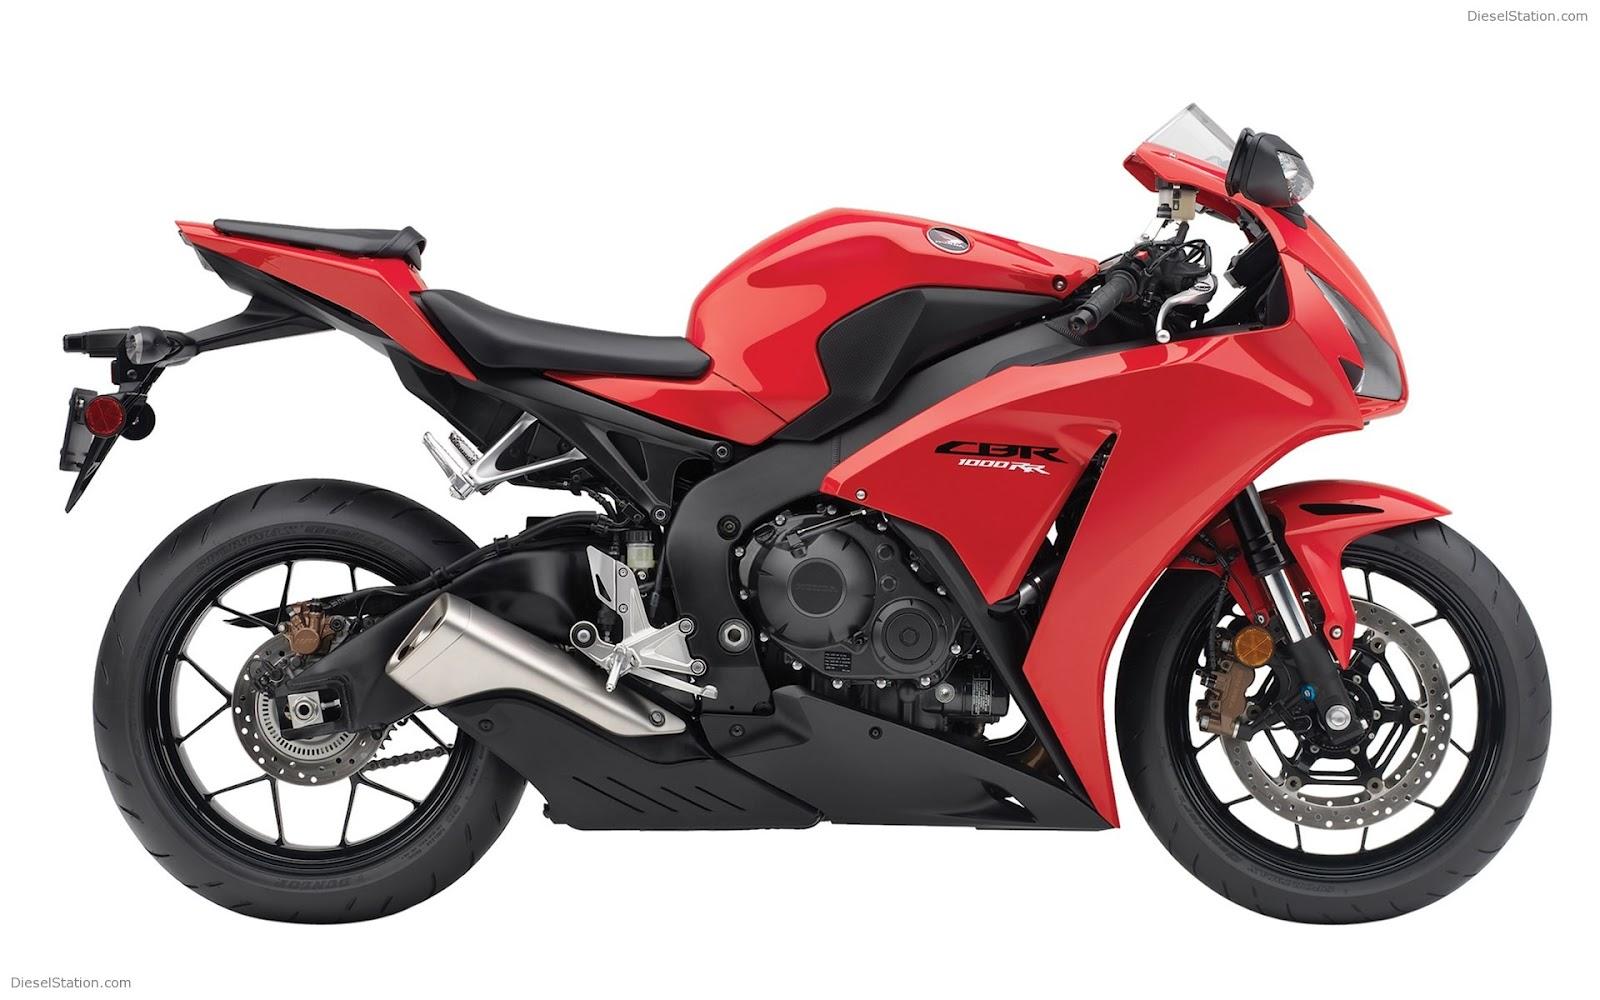 honda cbr1000rr 2012 red